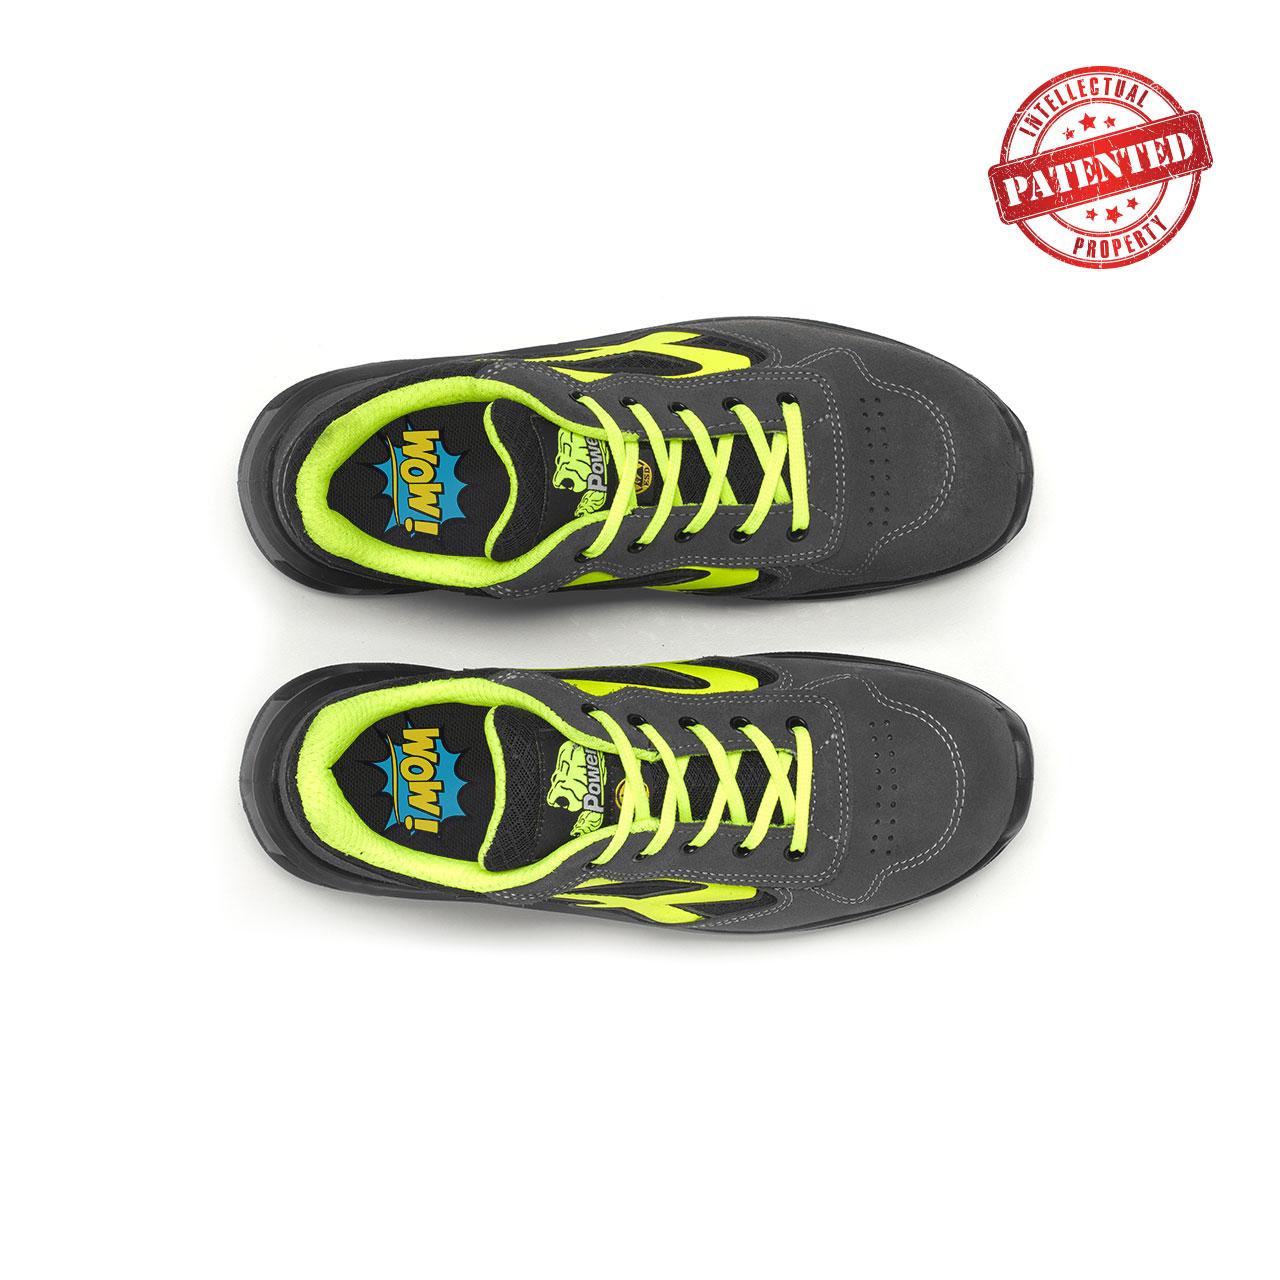 paio di scarpe antinfortunistiche upower modello yellow linea redlion vista top